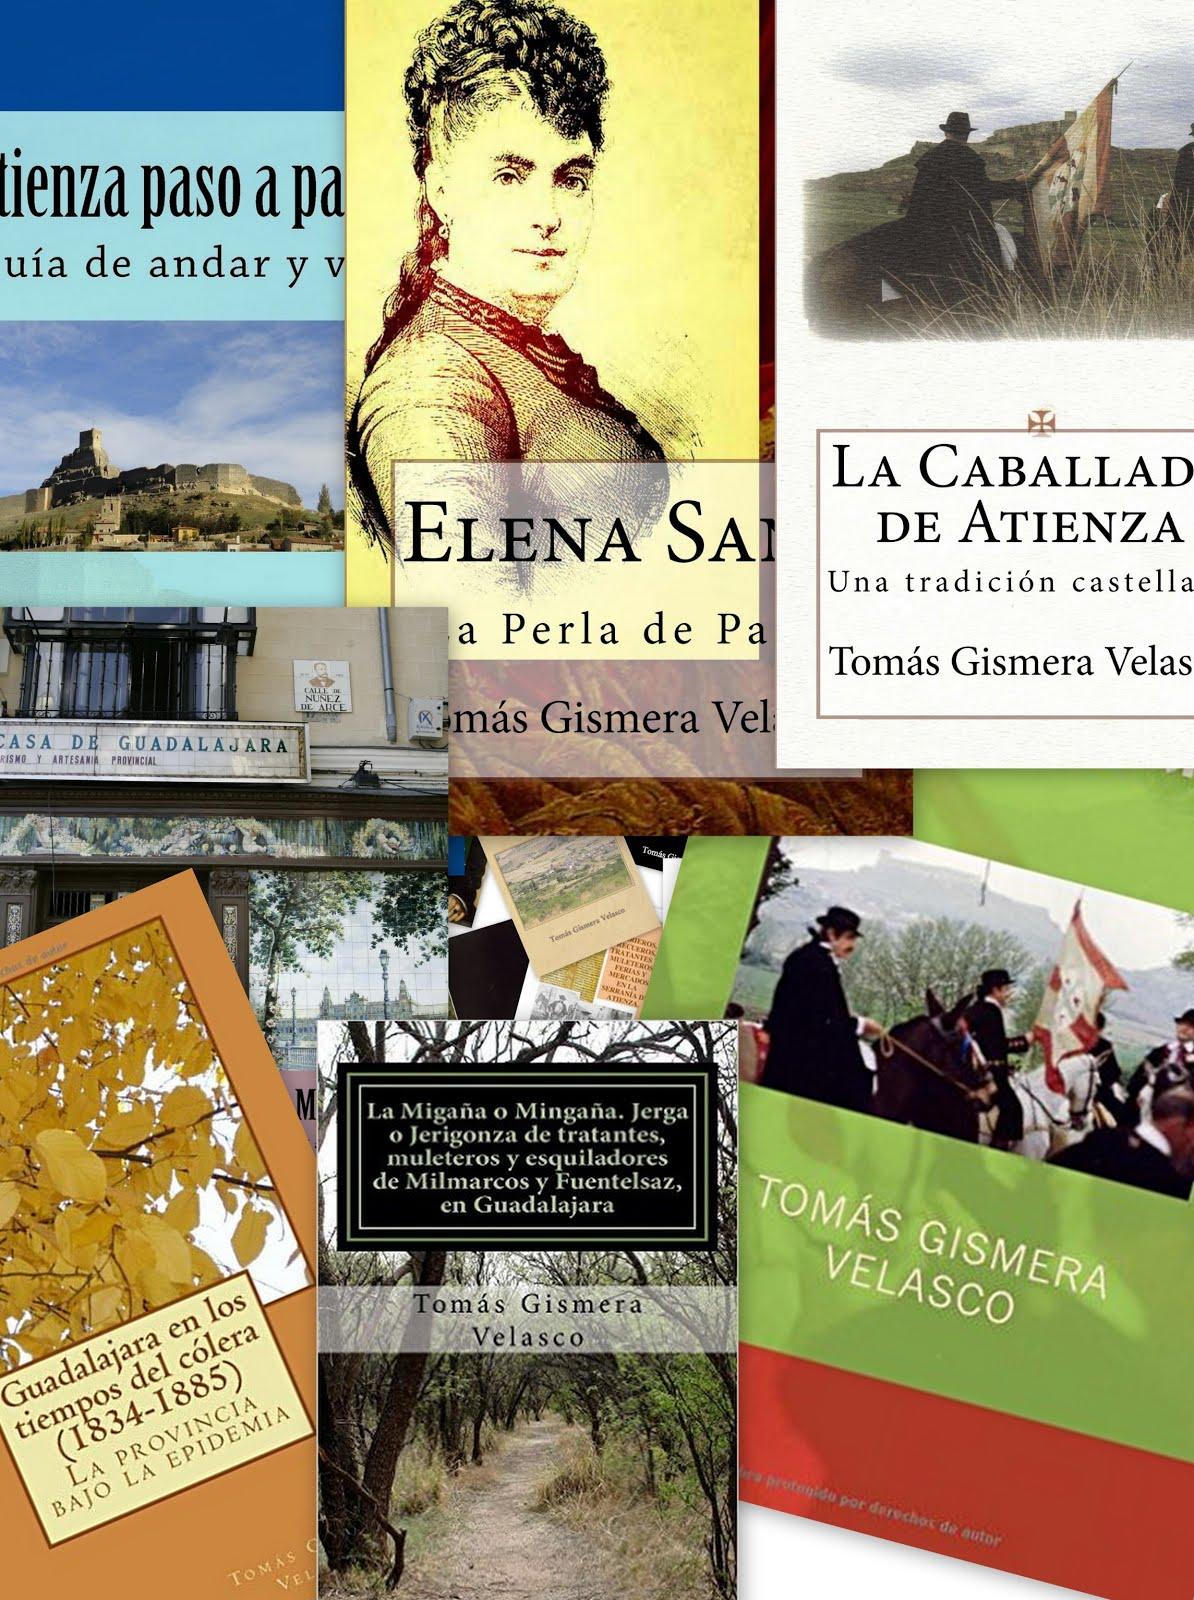 Los libros de Tomás Gismera